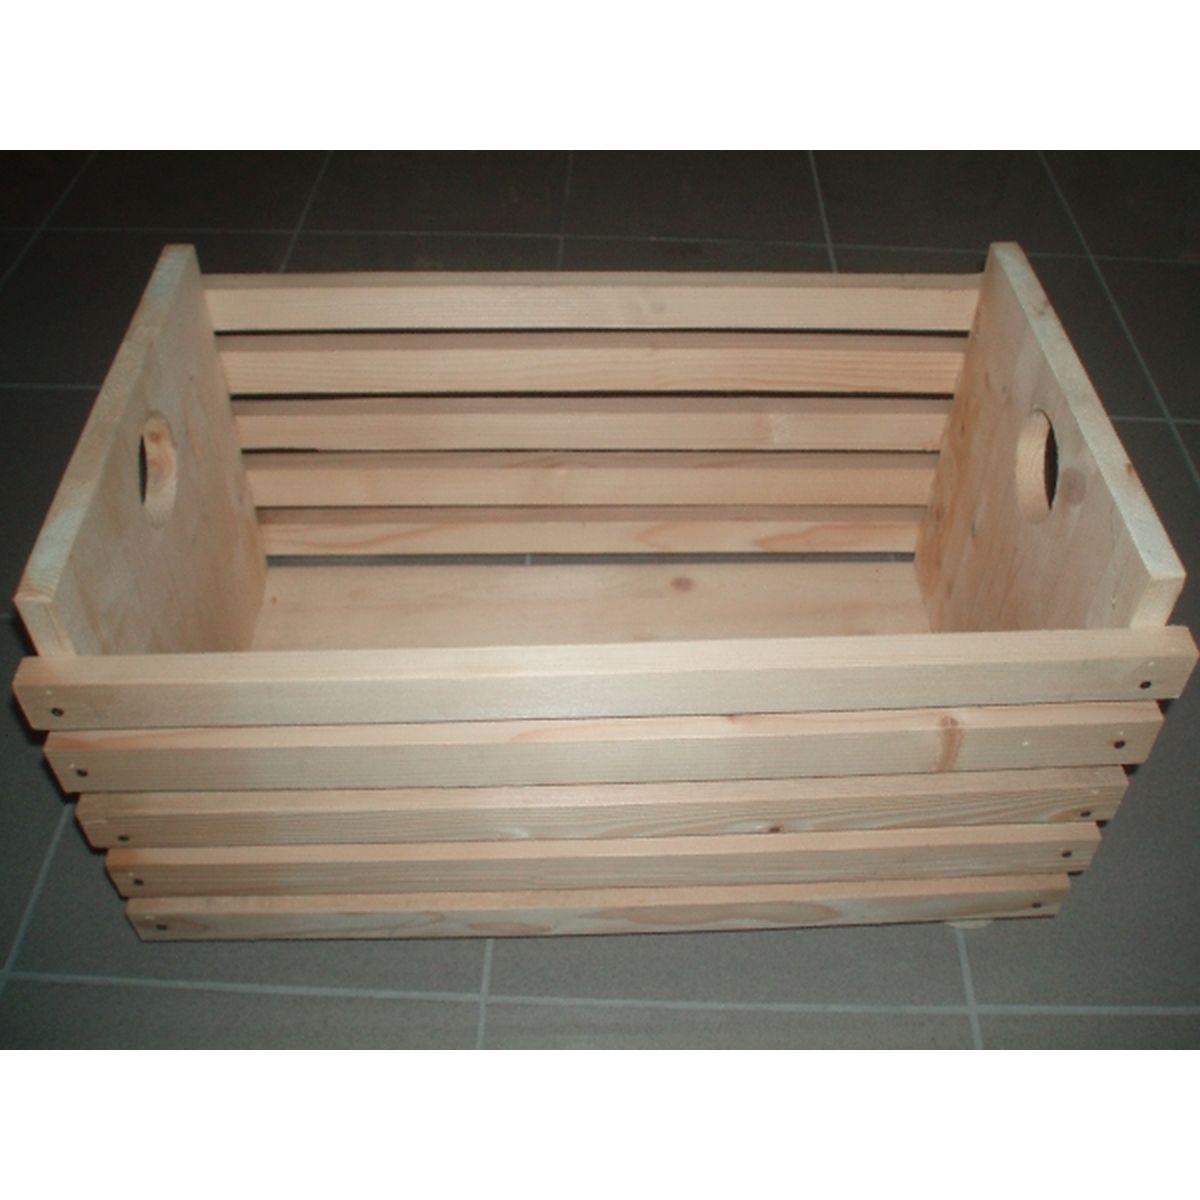 Cassetta in legno 5724208 caminetti vendita online for Vendita legno online